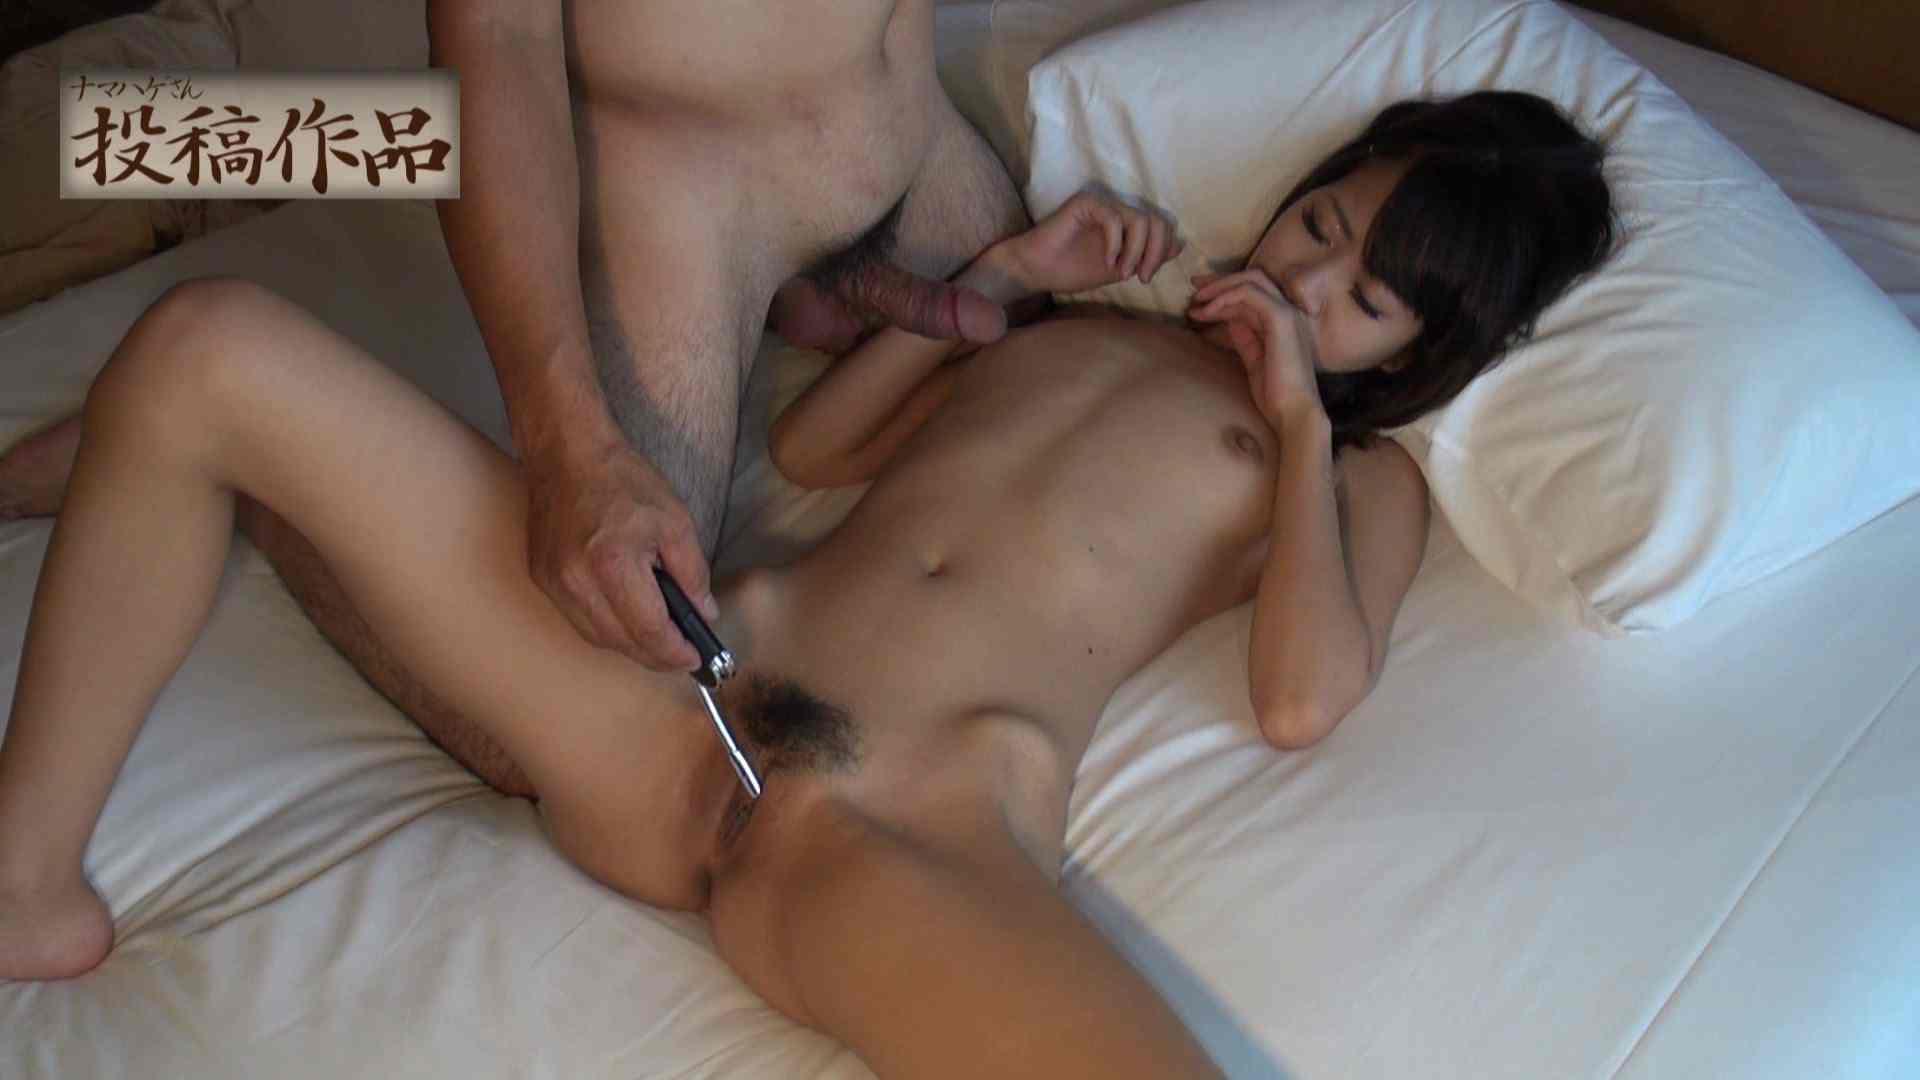 ナマハゲさんのまんこコレクション第二章 ayumi SEX  72連発 22